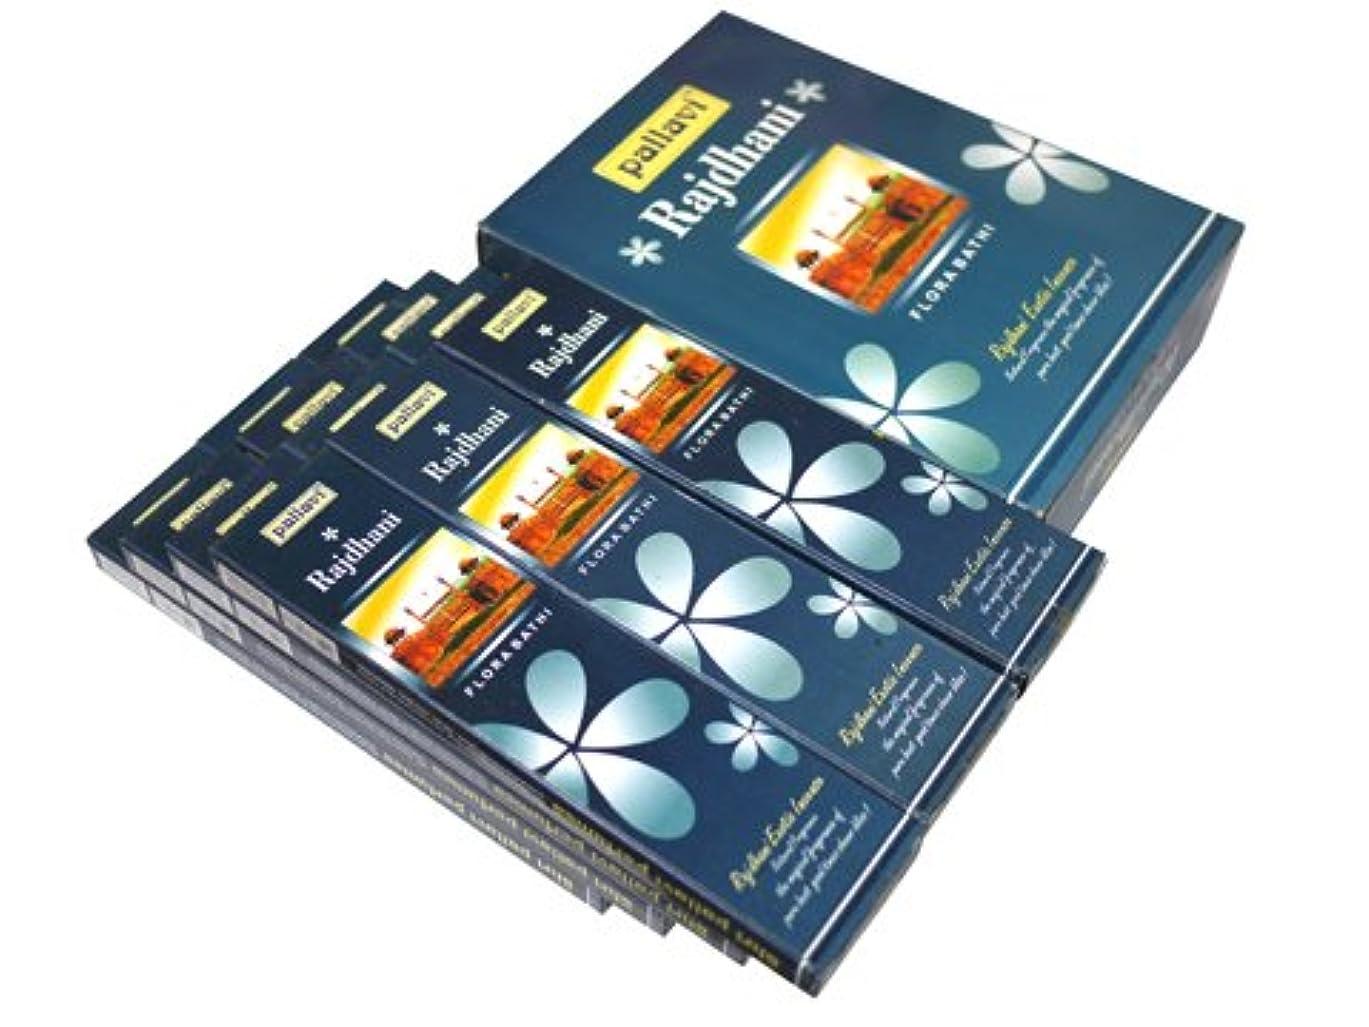 スマッシュ力学早熟SHRI PALLAVI(シリ パラヴィ) RAJDHANI ラージダーニ香 スティック 12箱セット